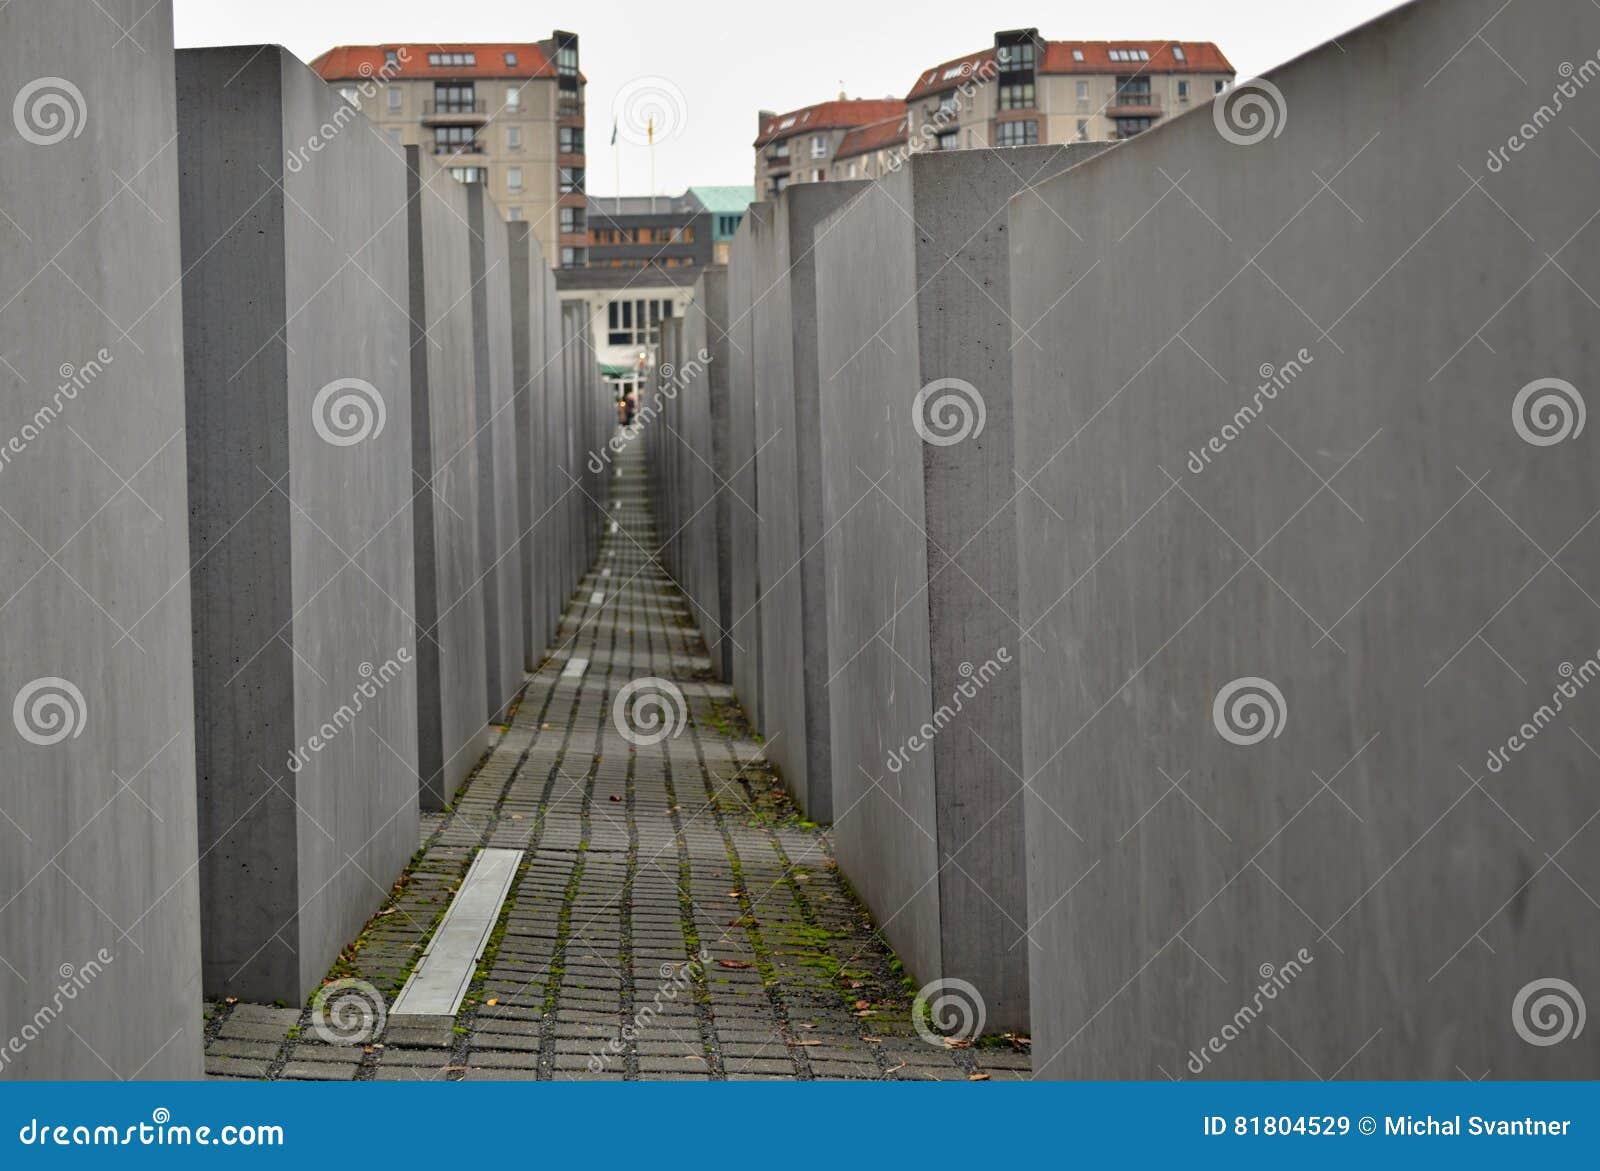 Убитые евреи мемориальные в Берлине - узкий путь между бетонными плитами